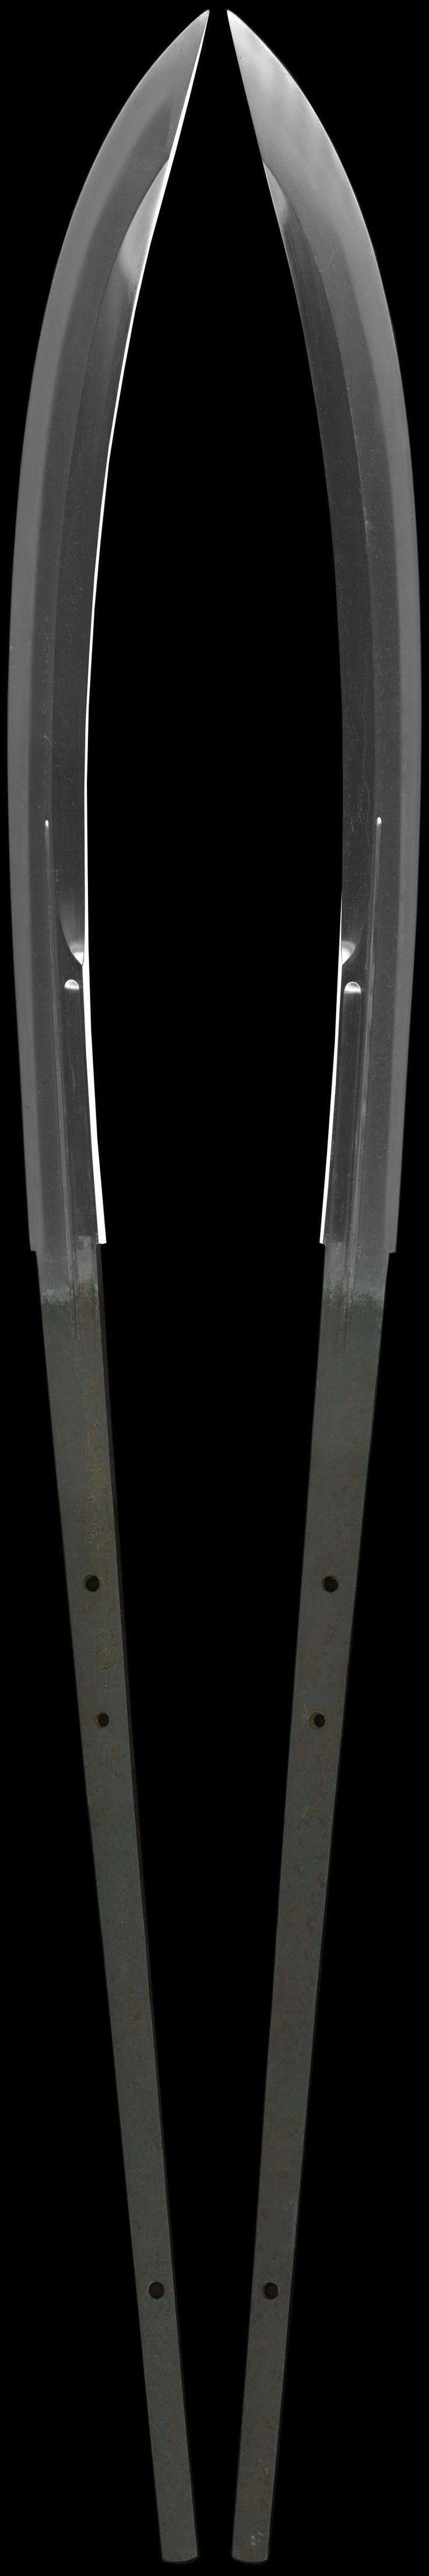 全体画像 薙刀 九州肥後同田貫次兵尉 naginata [kyushu higo doutanuki tsugihei_no_jo]